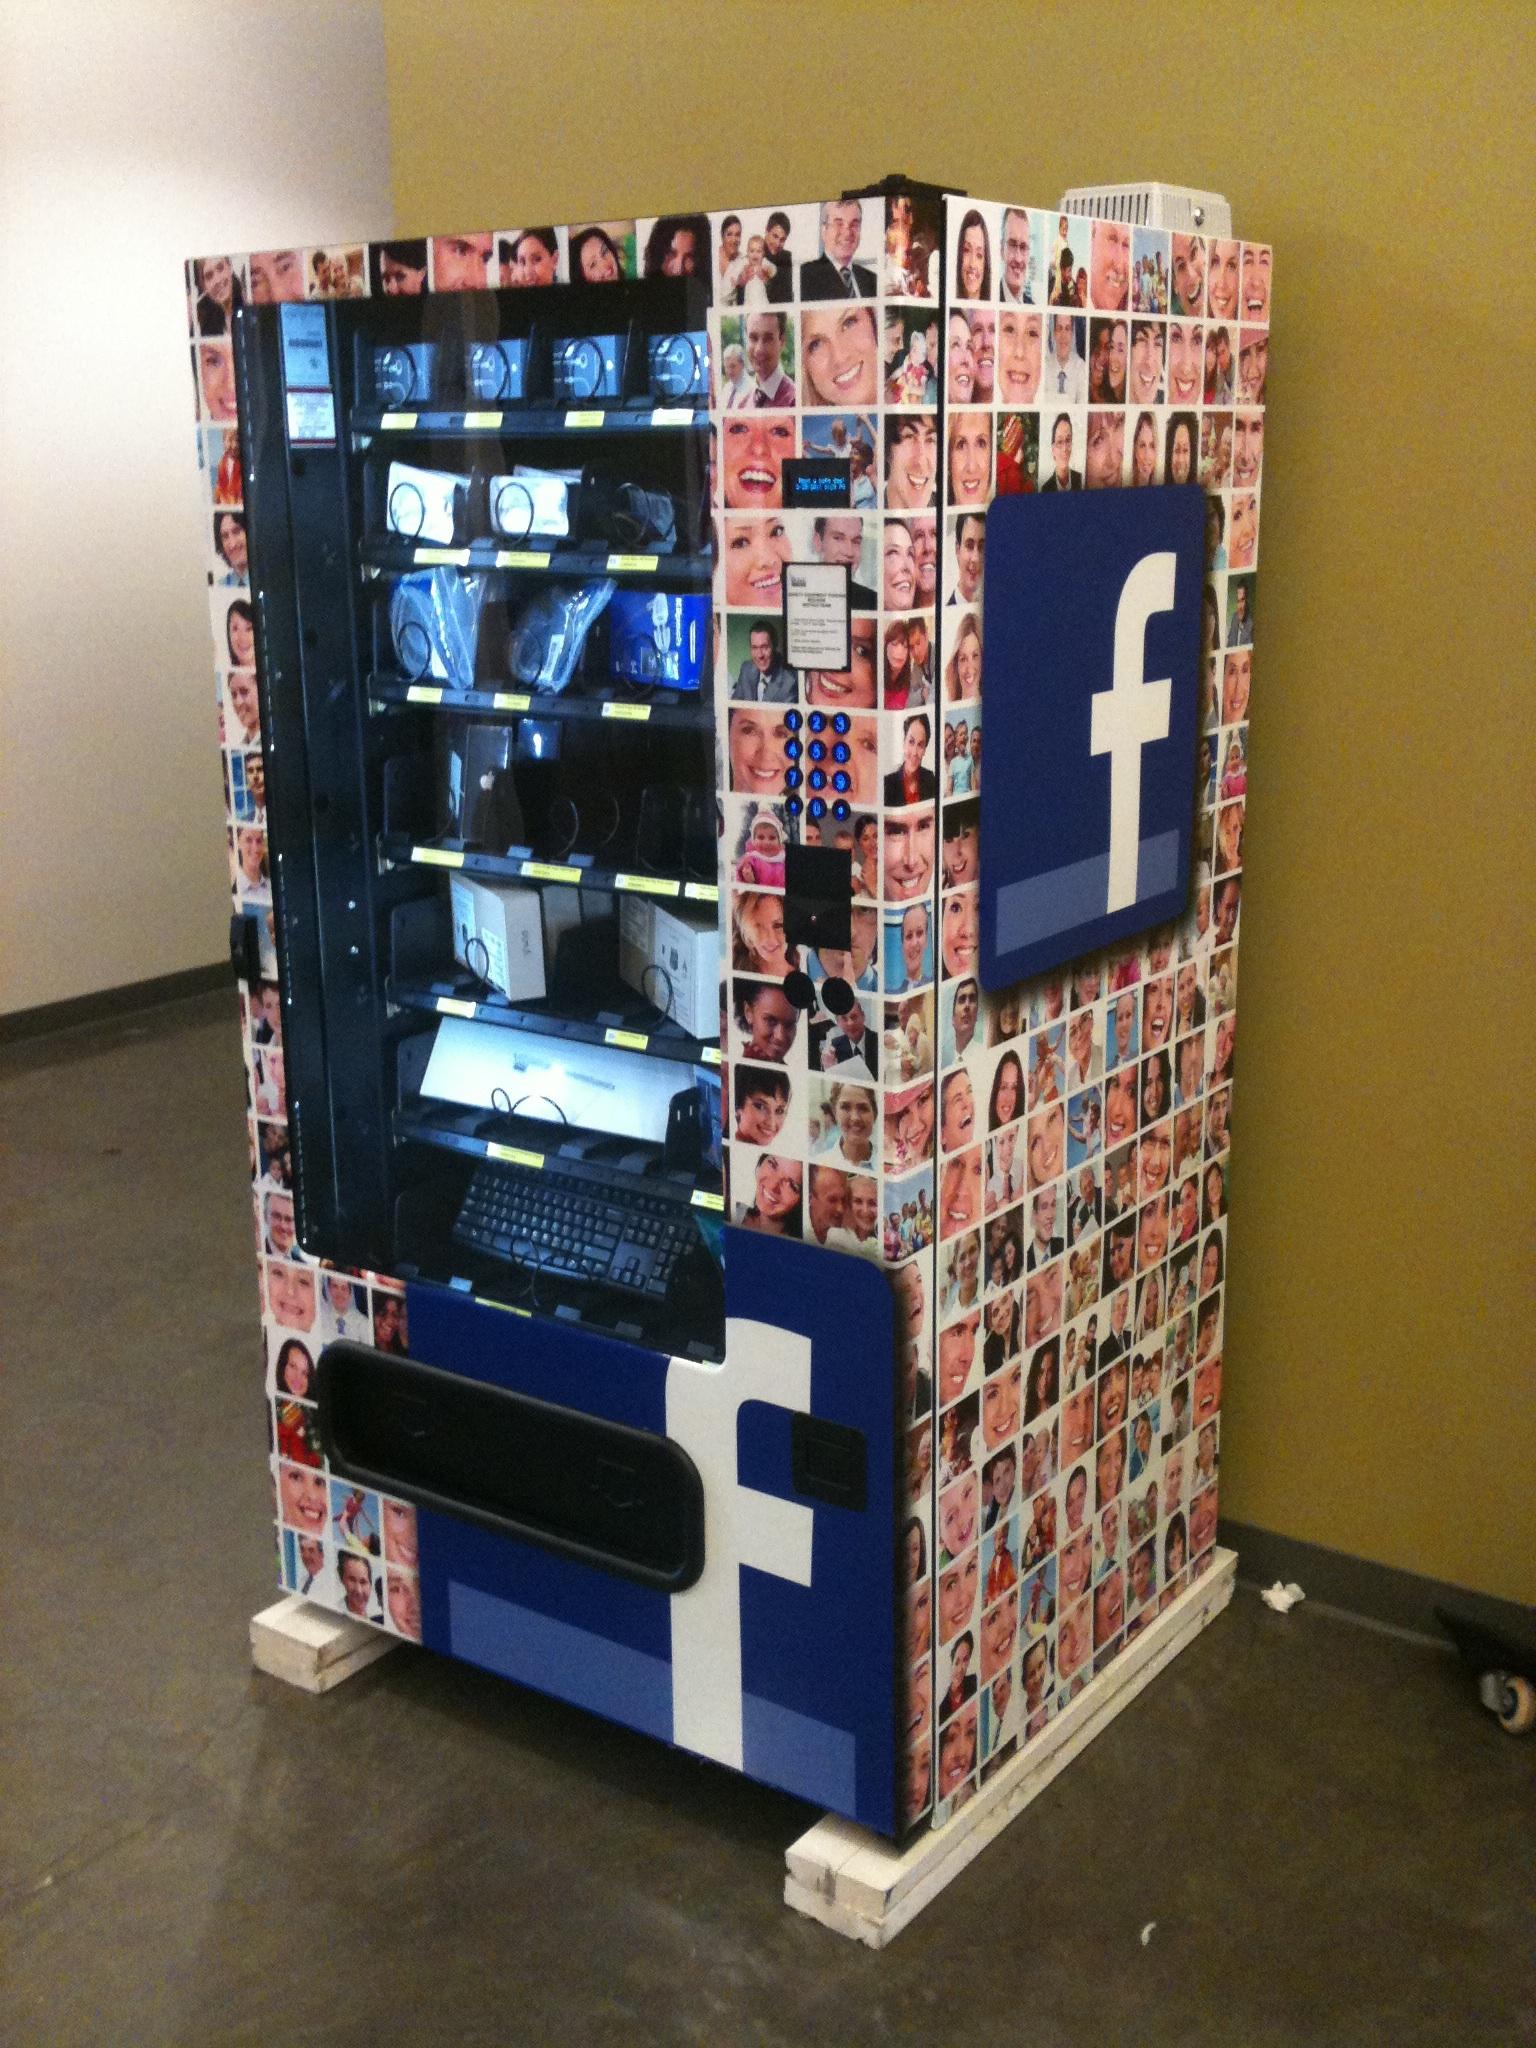 Facebook IT: Computerequipment aus dem Automaten